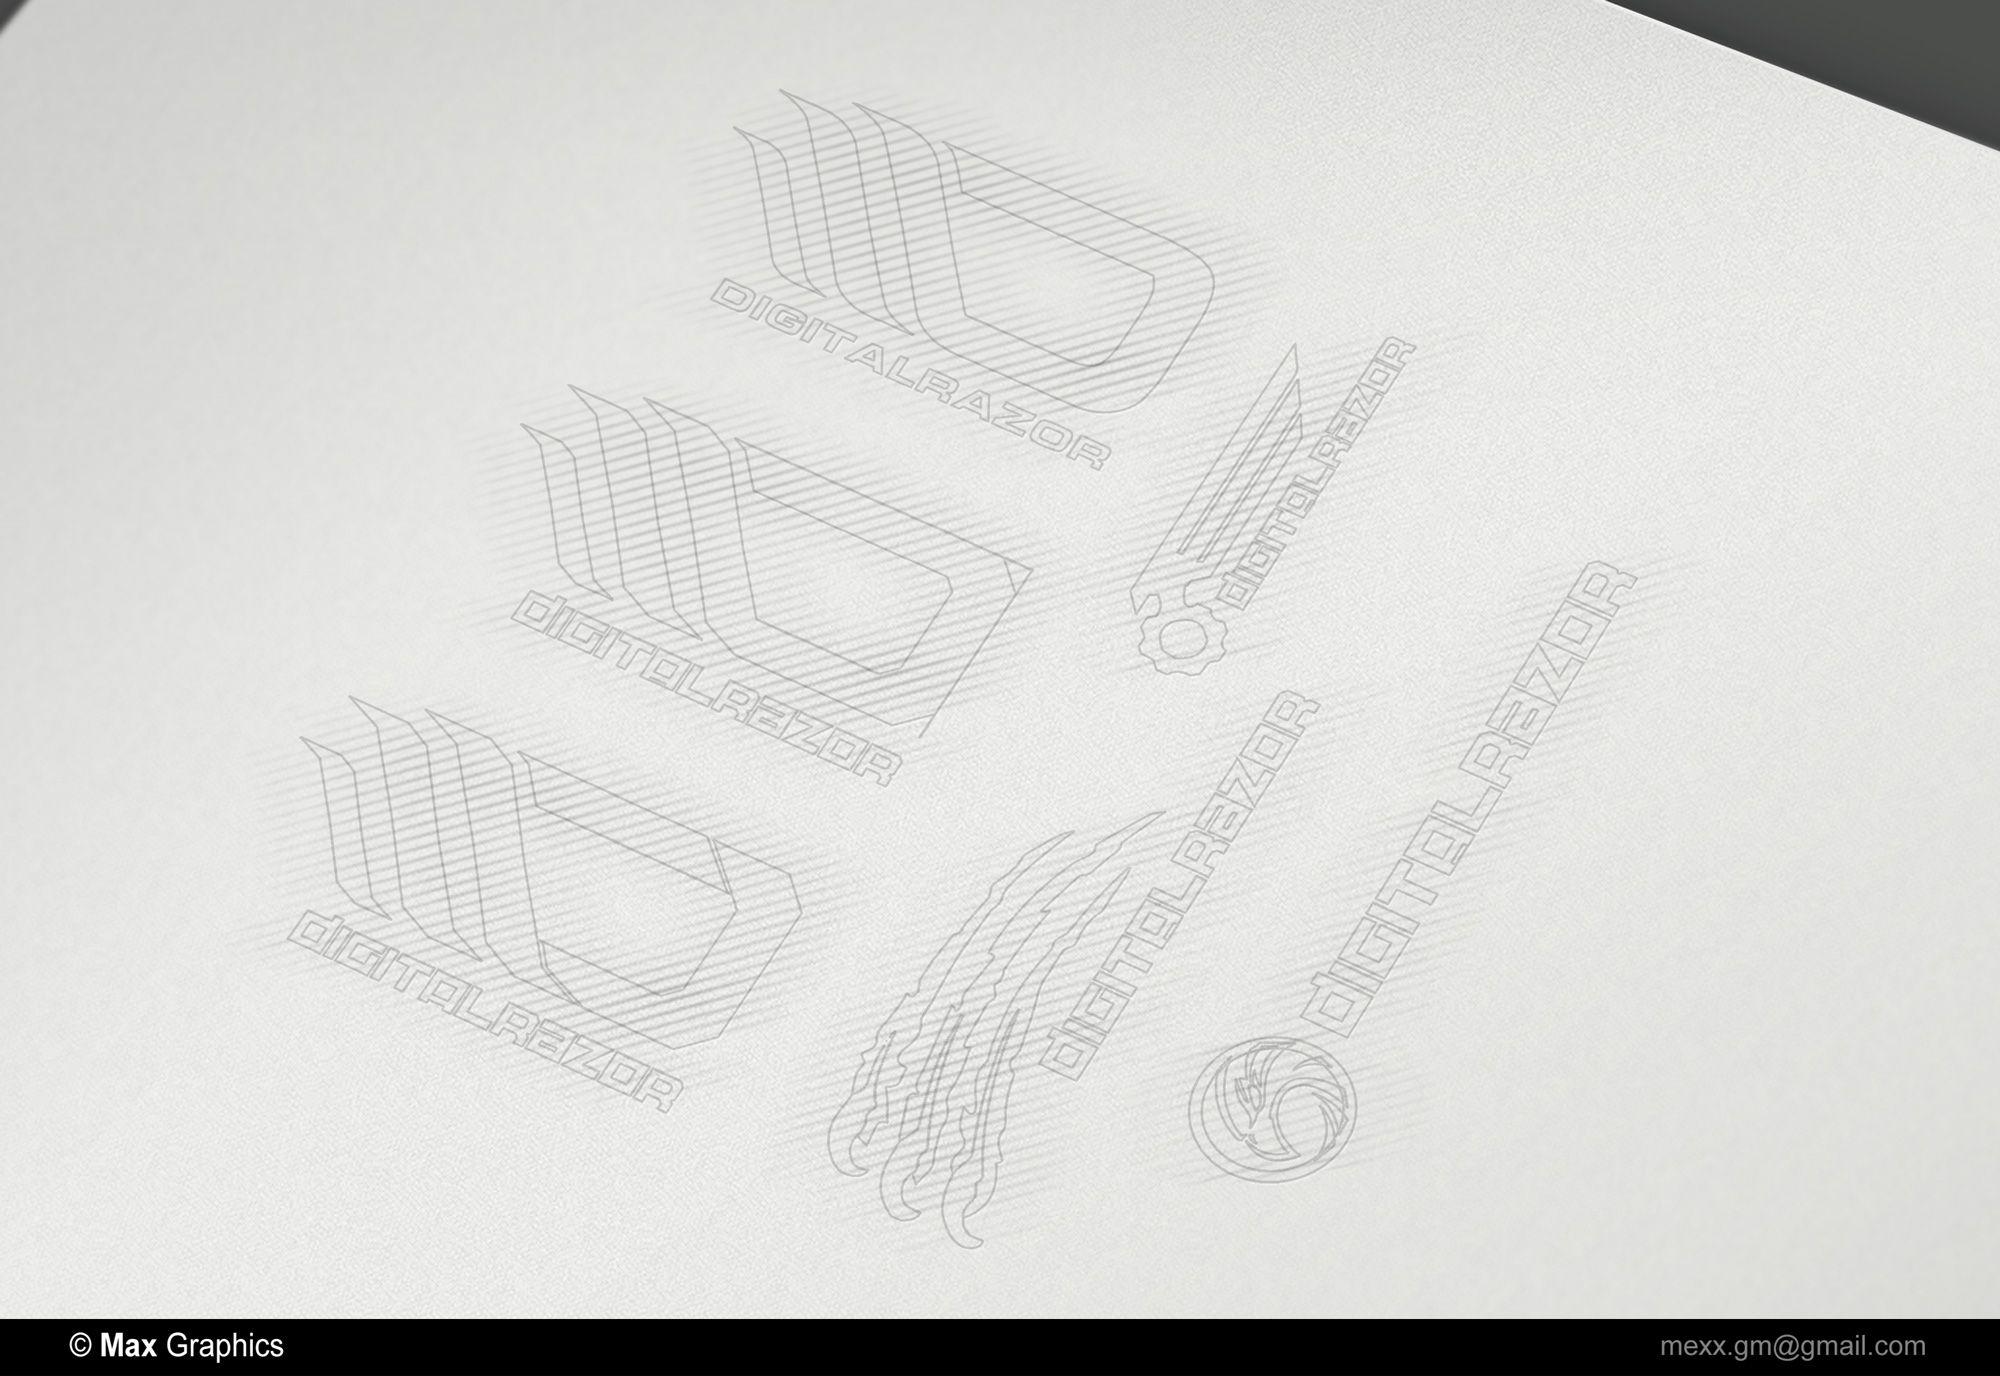 Фирменный стиль для студии HI-END компьютеров - дизайнер Kreativa